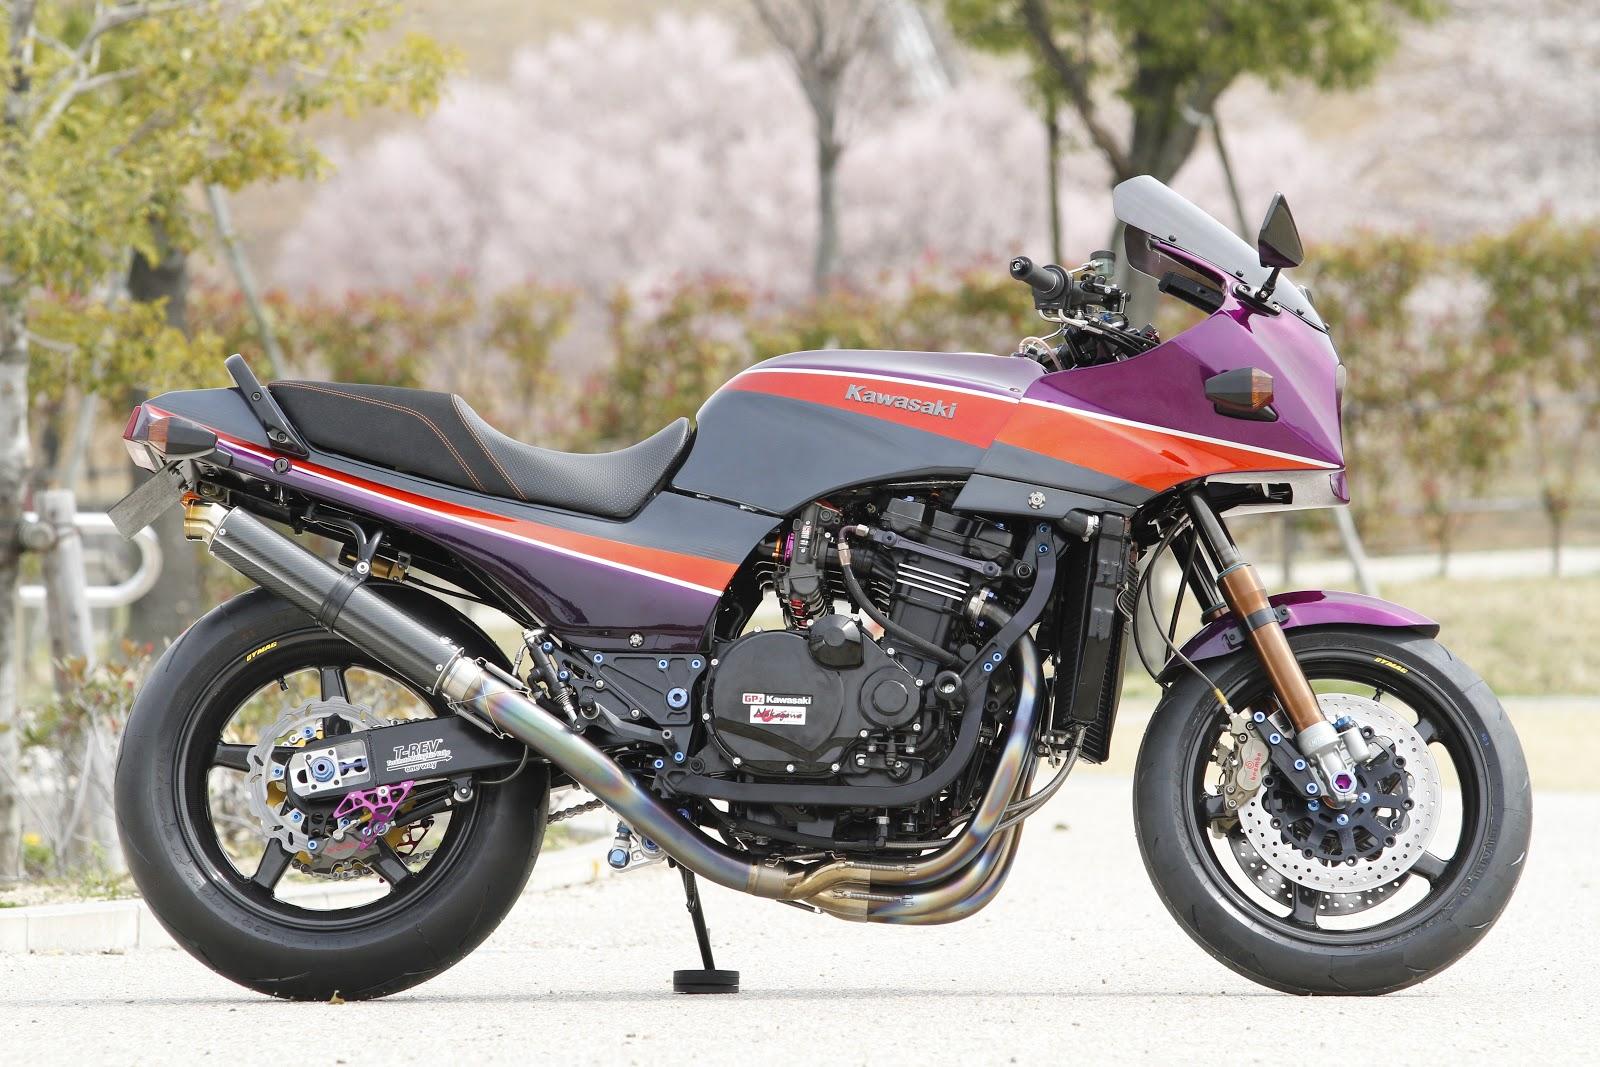 Racing Cafè: Kawasaki GPZ 900 R by Shabon Dama